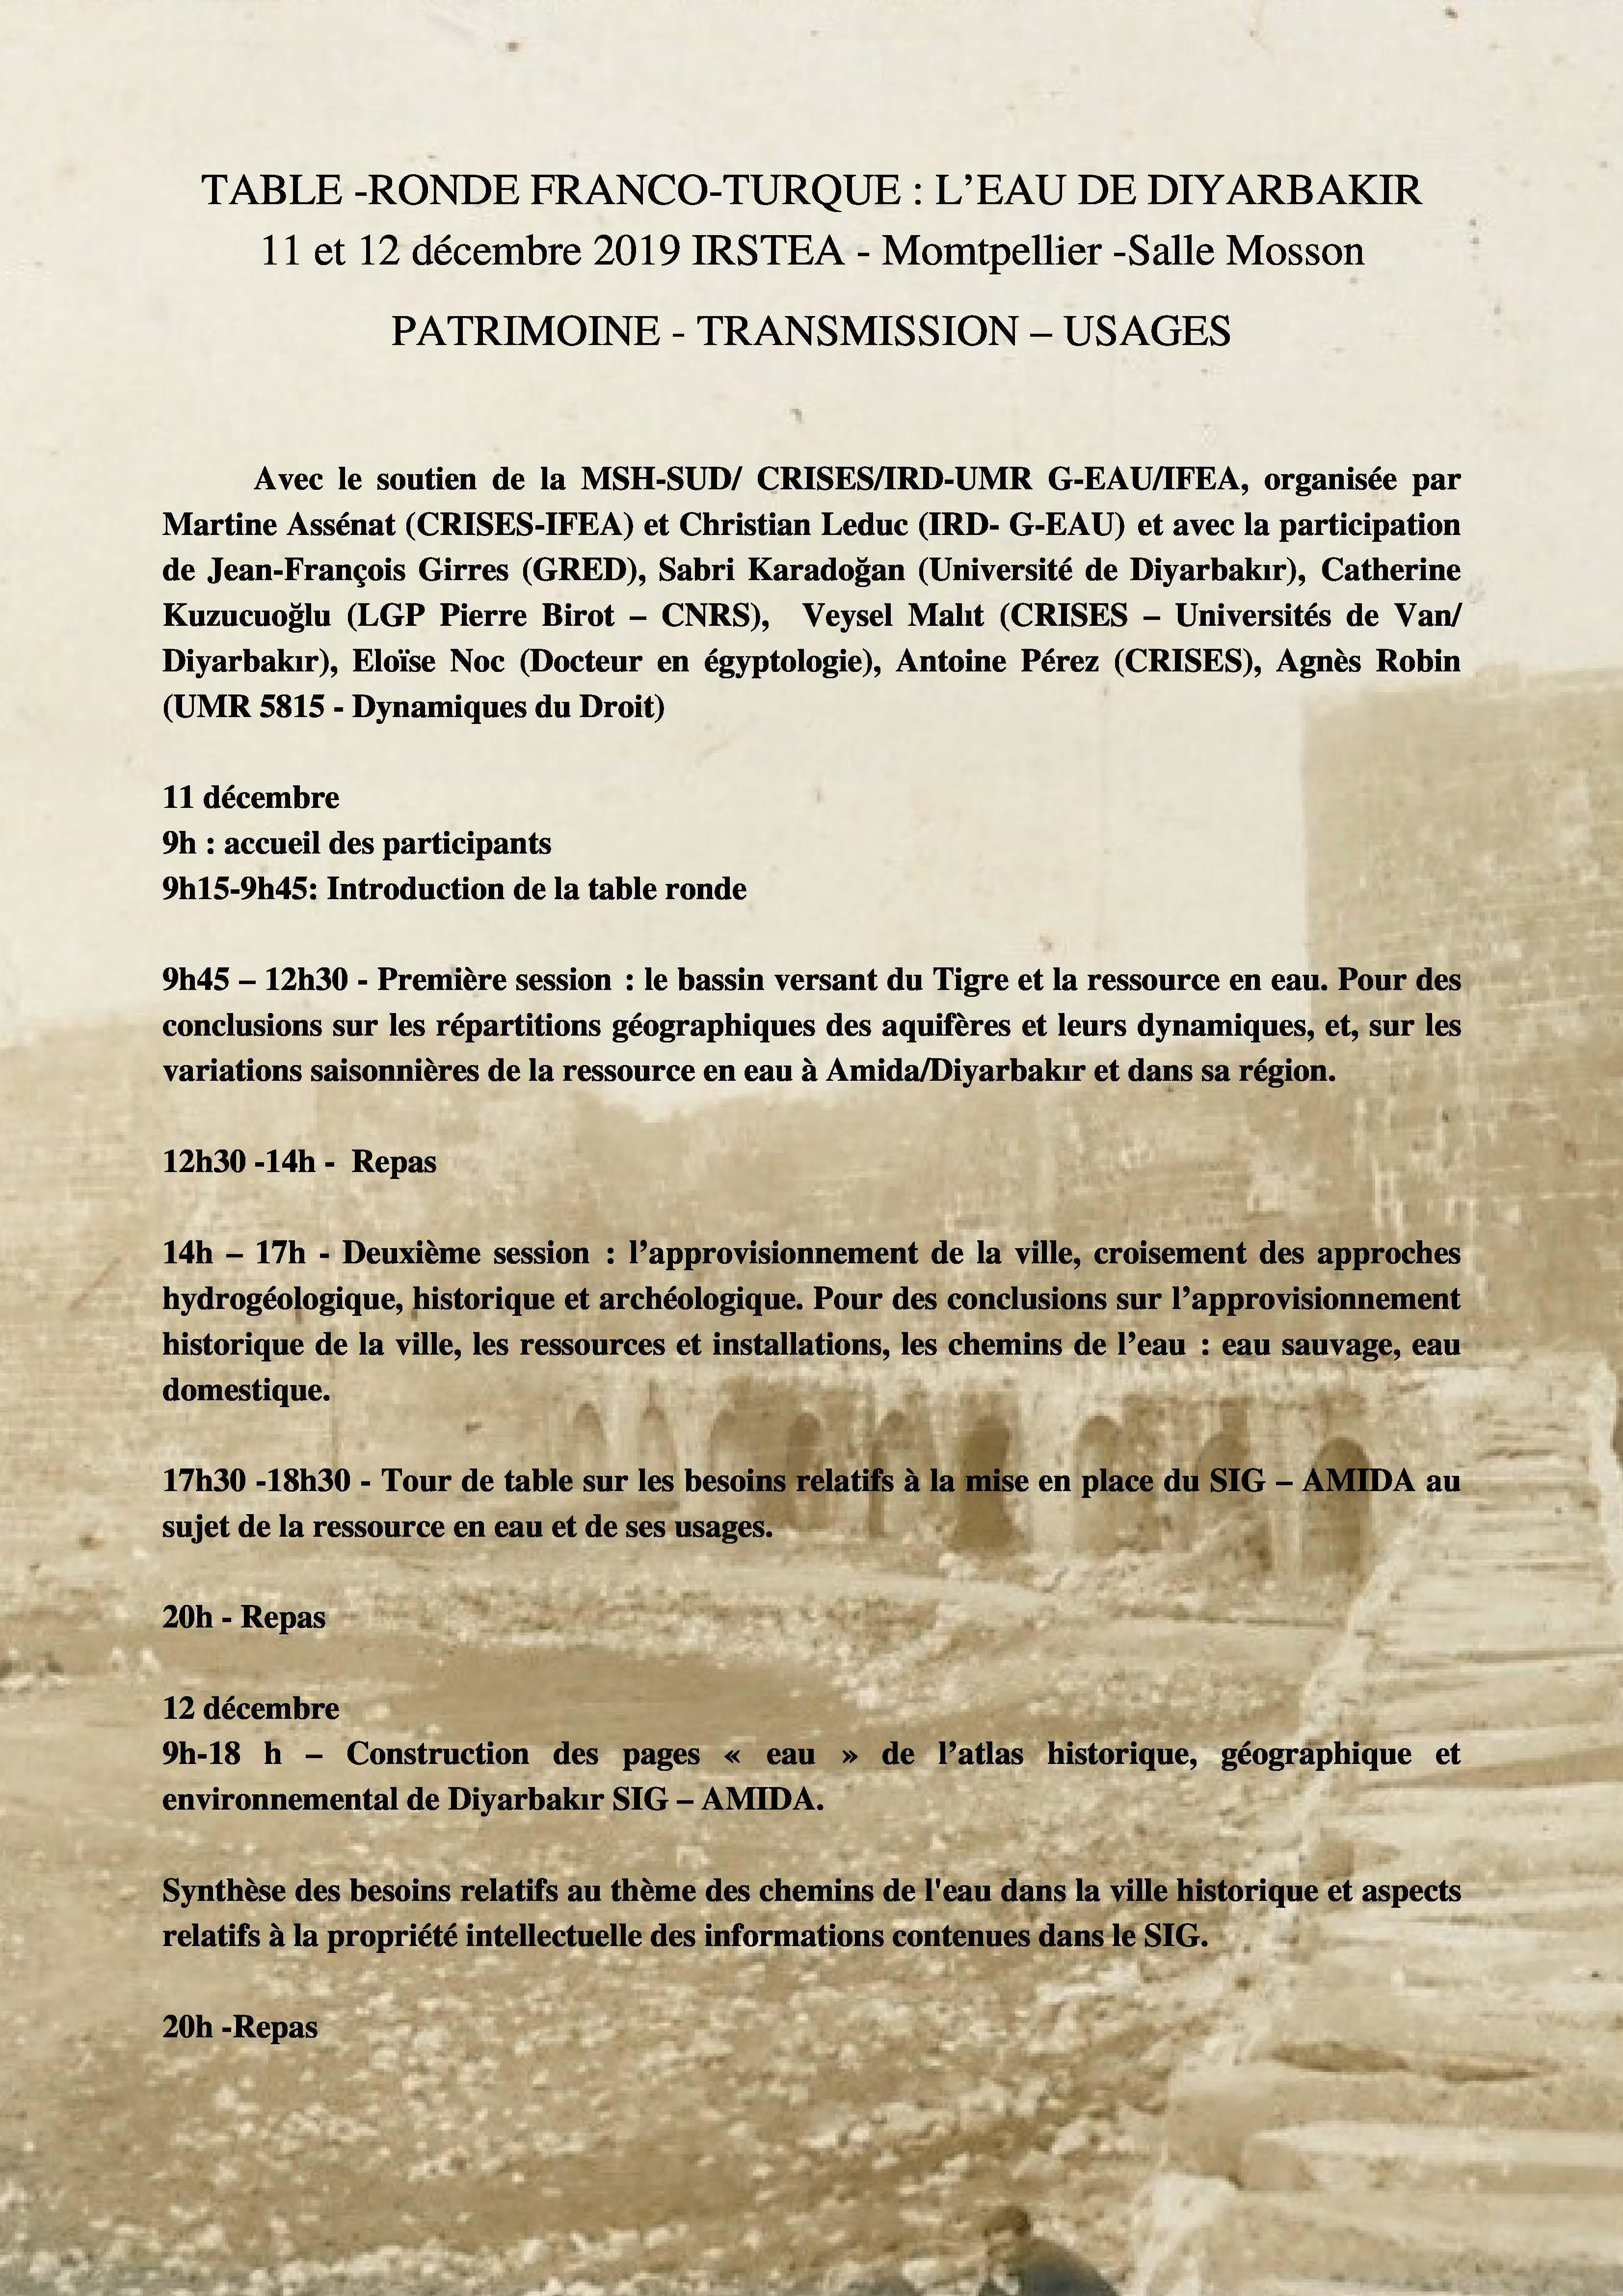 Programme table-ronde franco-turque 2019 eau_de_diyarbakir